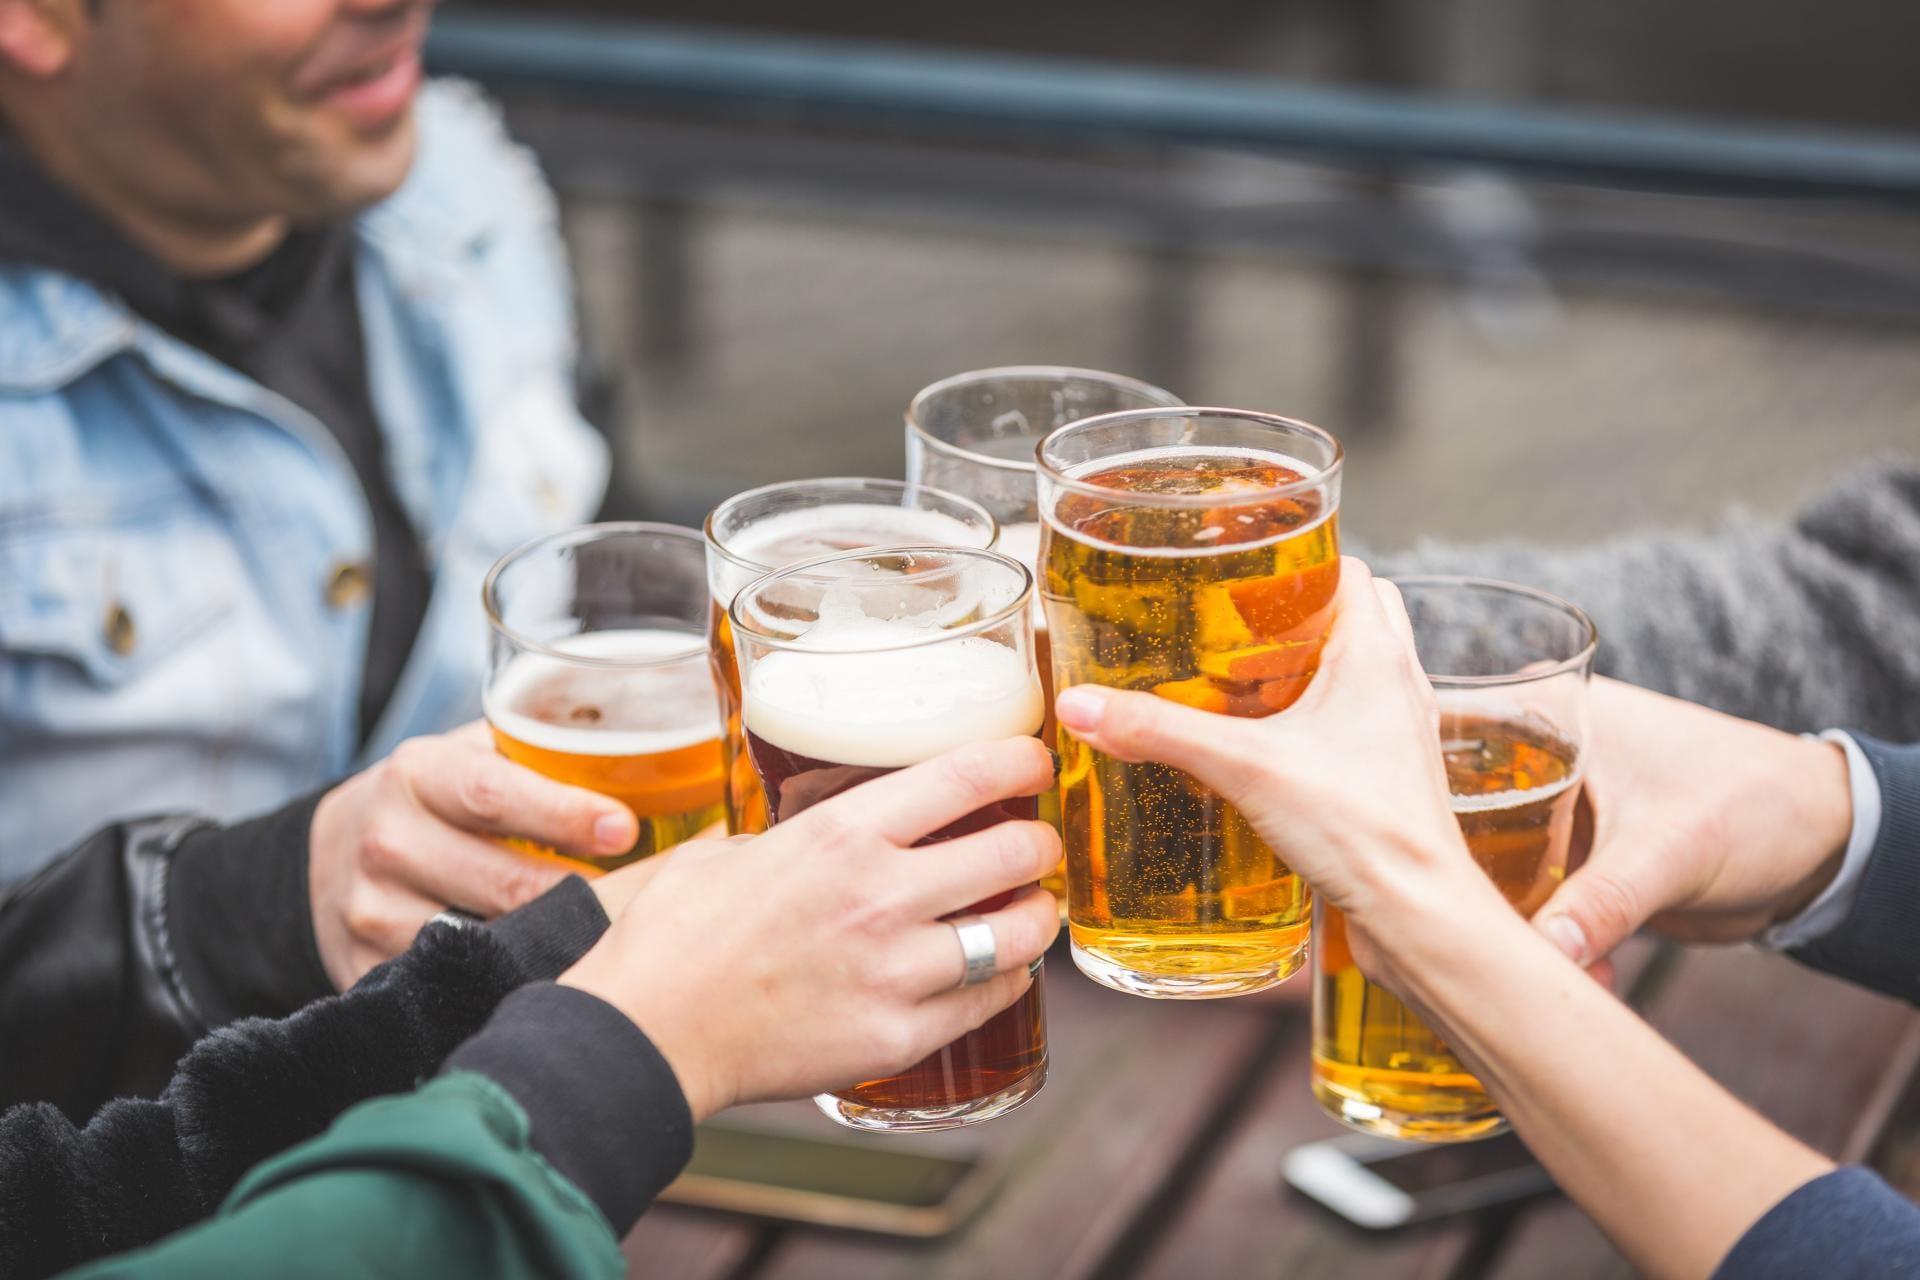 Cosas que hacer en Londres: Brindar con cerveza en un Pub